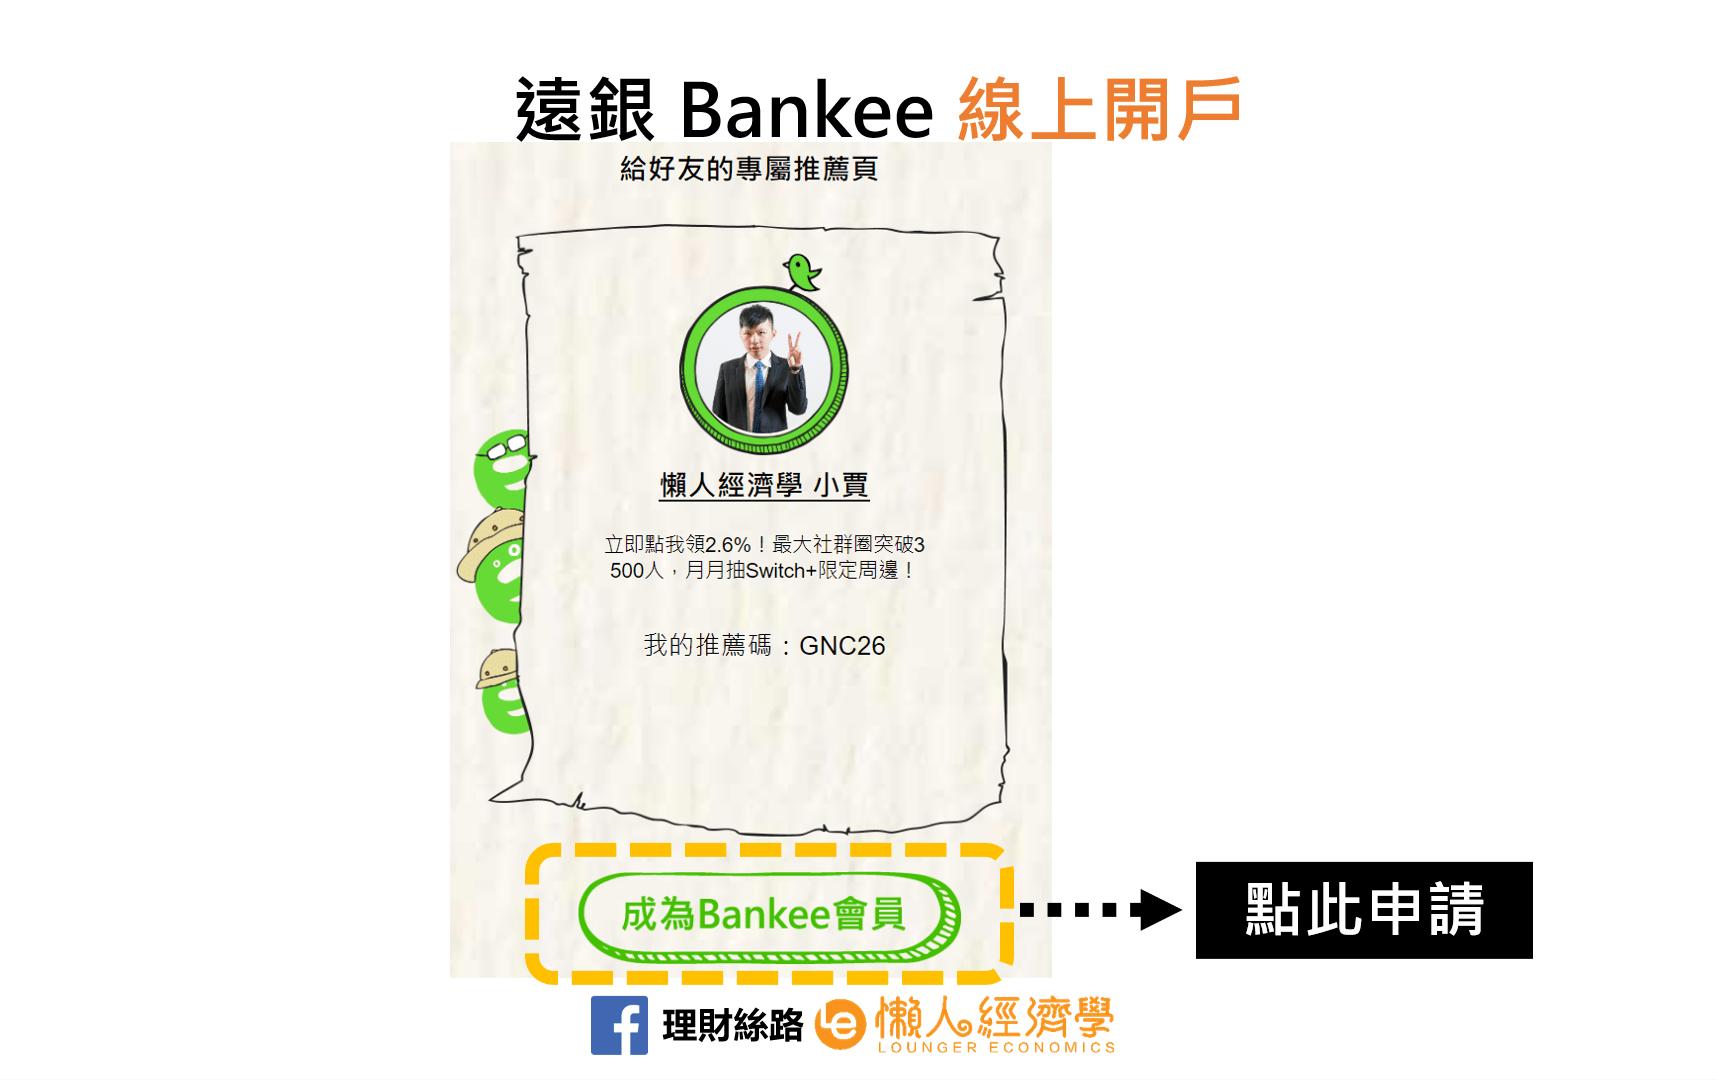 Bankee開戶教學-1